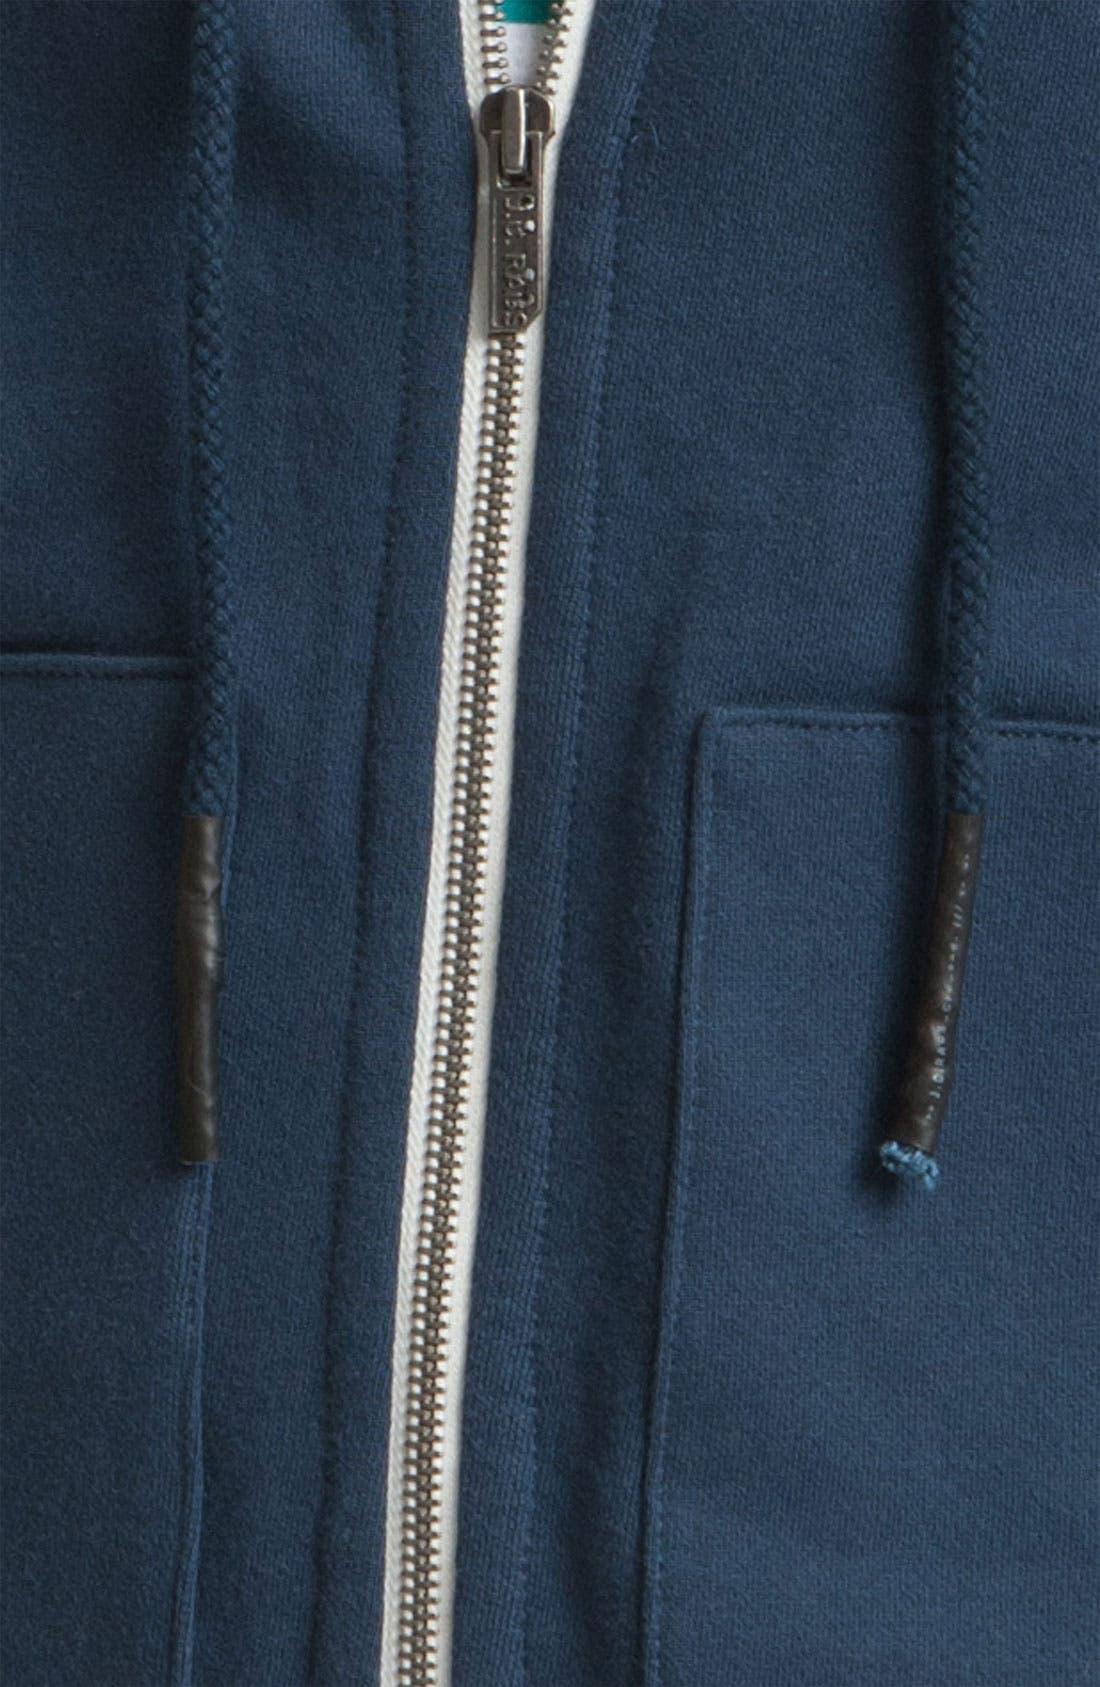 Alternate Image 3  - J.C. Rags Washed Zip Fleece Hoodie